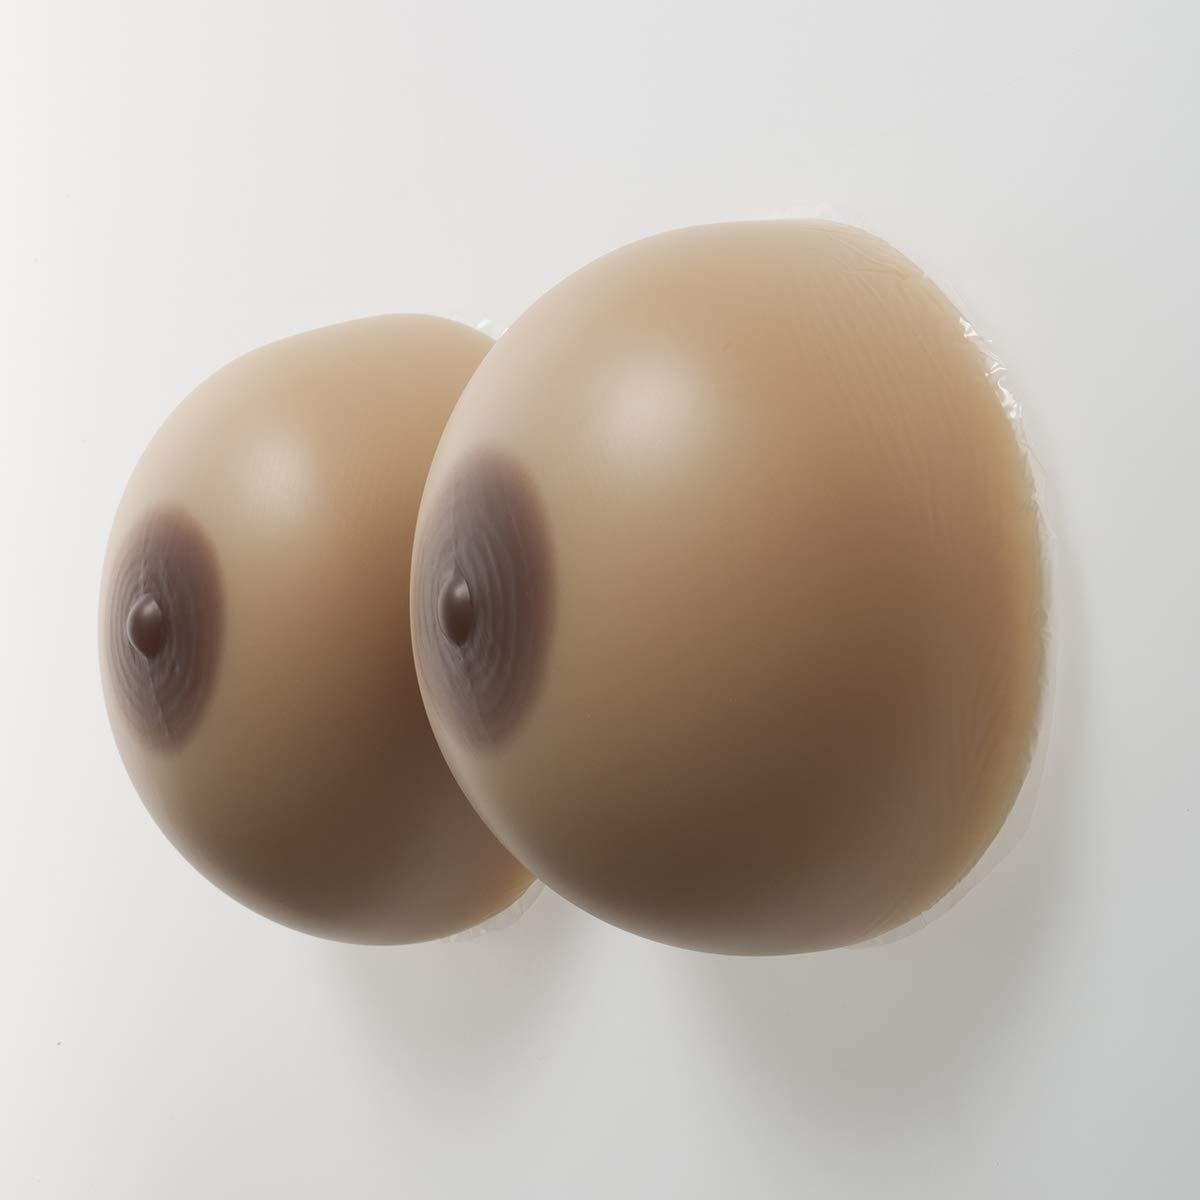 QYJX Prótesis De Silicona De Mama Falsa De Cosplay, Mama De Silicona Autoadhesiva para Pacientes Con Mastectomía, Almohadilla De Silicona Falsa En El Pecho Ropa Desnaturalizada (1 Par),12XL